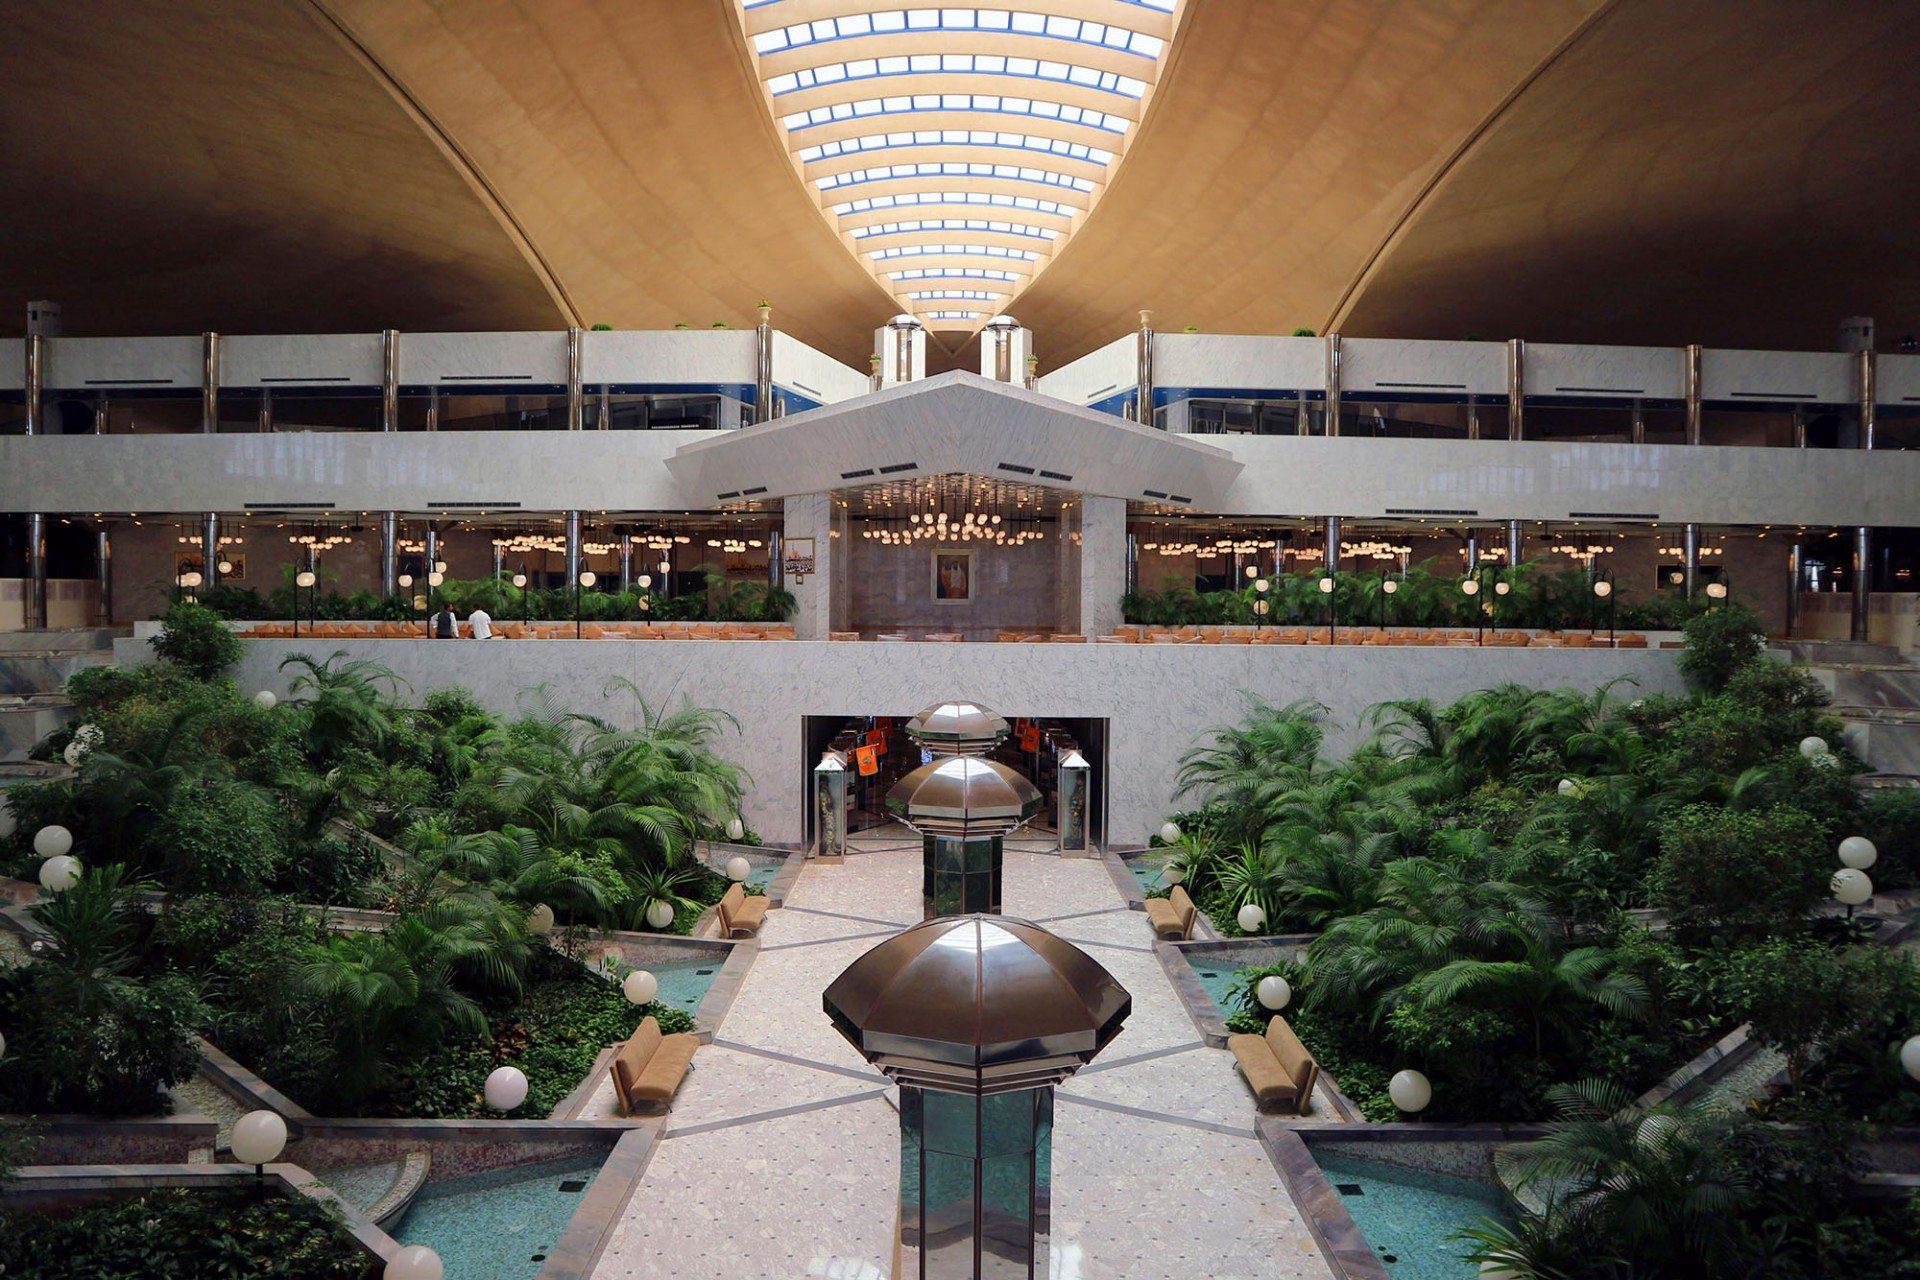 """Thematisch.  Die verschiedenen Veranstaltungsräume tragen Namen bedeutender emiratischer Orte und Bauten. Die """"Hafeet Terrace"""" verweist bildhaft auf die bedeutende Oase Al Ain. Die Heimat des Staatsgründers Sheikh Zayed Bin Sultan Al Nayan liegt an der Grenze zum Oman am Fuße des Jebel Hafeet, eine der höchsten Erhebungen des Landes."""